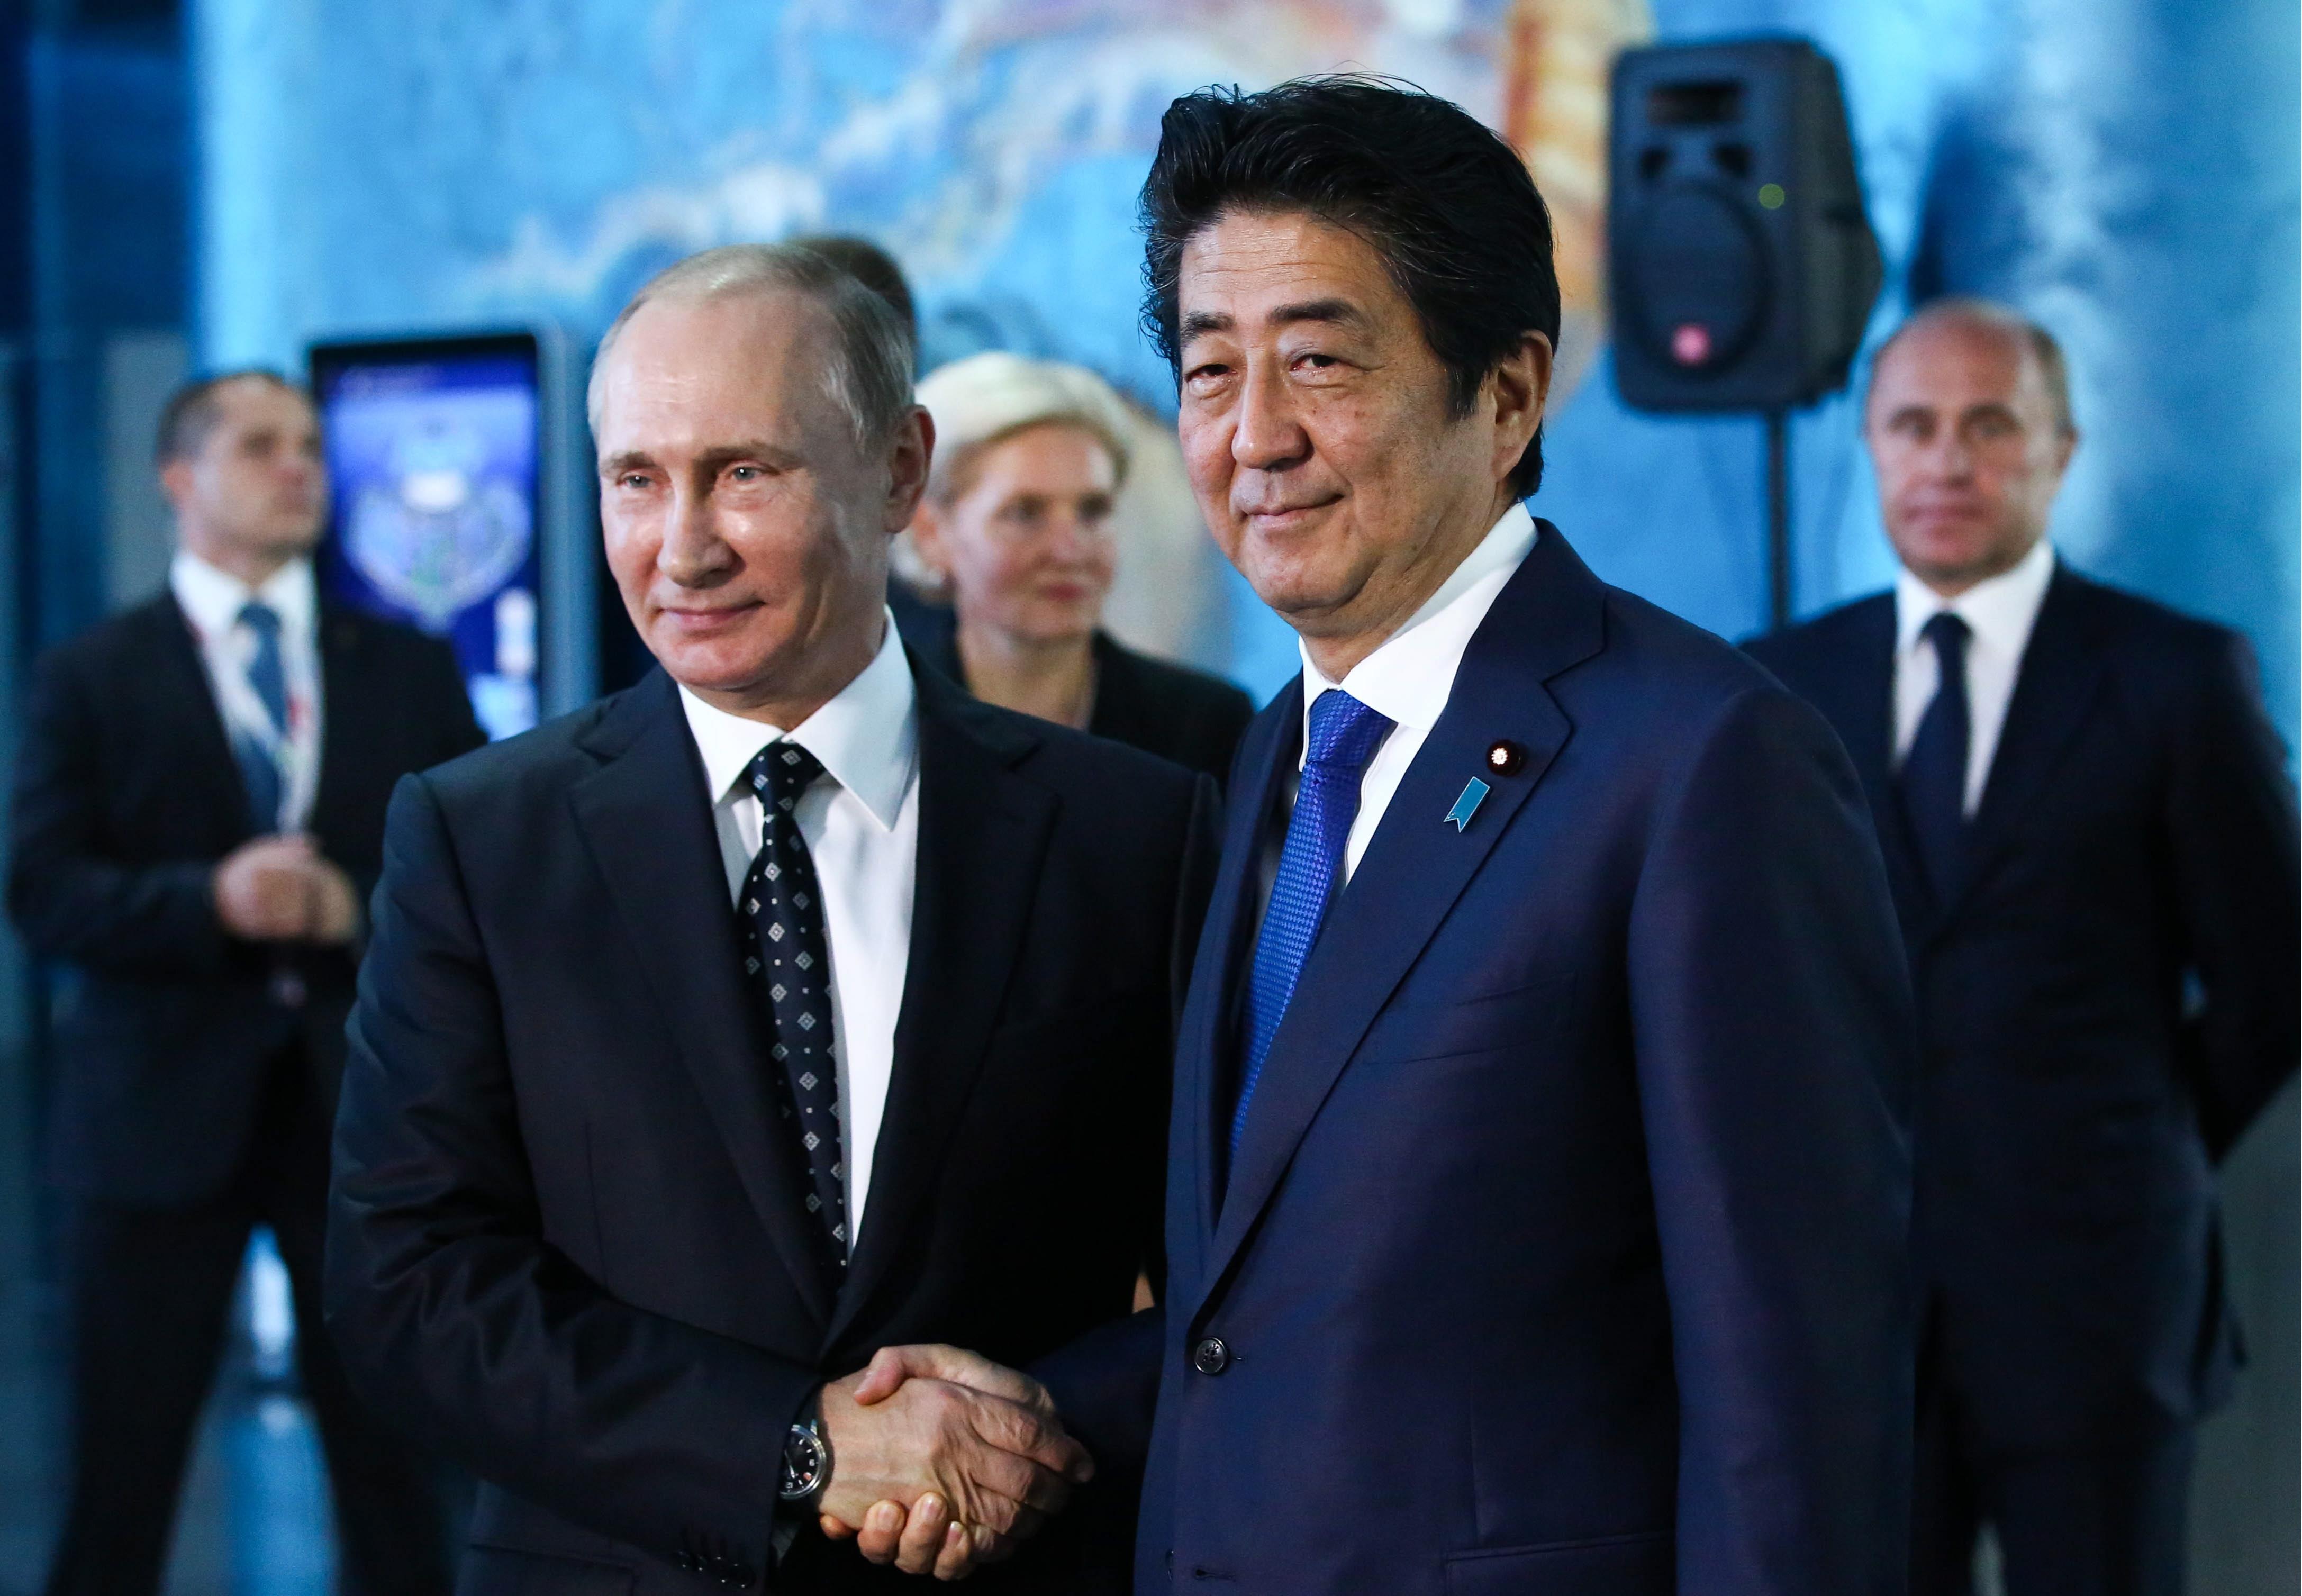 Durante o fórum, o primeiro-ministro japonês, Shinzo Abe, pediu que o presidente russo, Vladímir Pútin, resolva a disputa territorial acerca das ilhas Curilas do Sul.